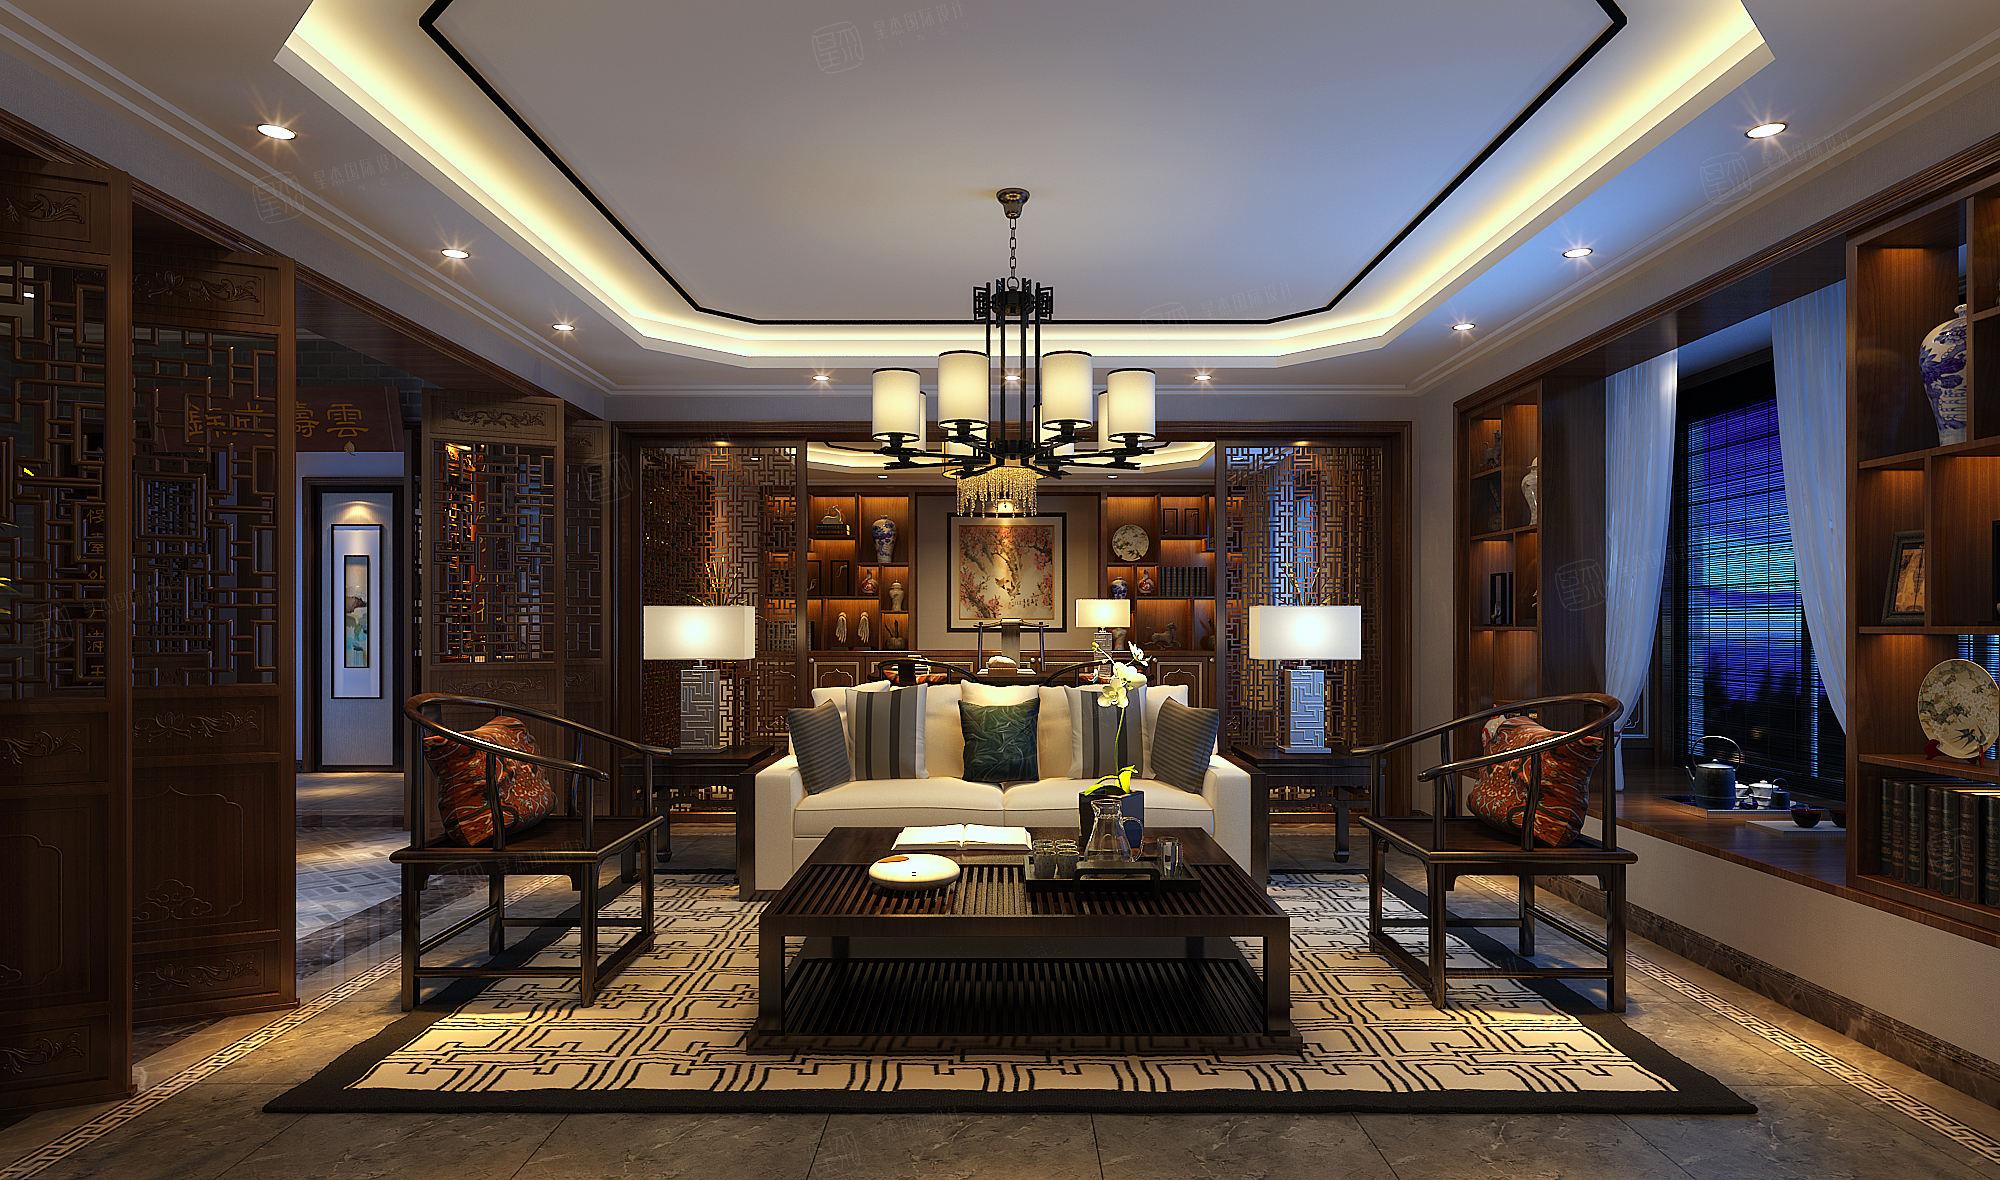 朗诗绿岛 现代中式装修客厅效果图